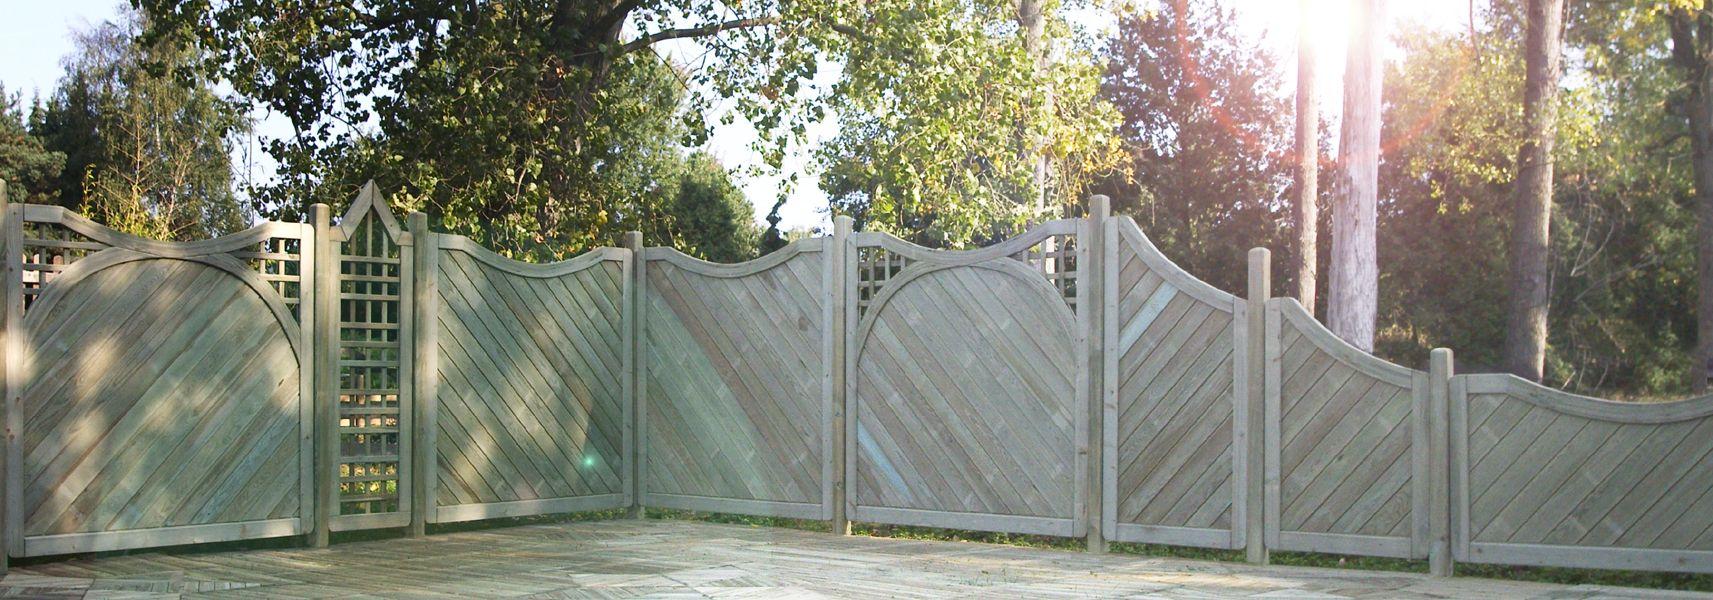 Sichtschutzzaun siena durch die vielen kombinierbaren for Sichtschutzzaun sina